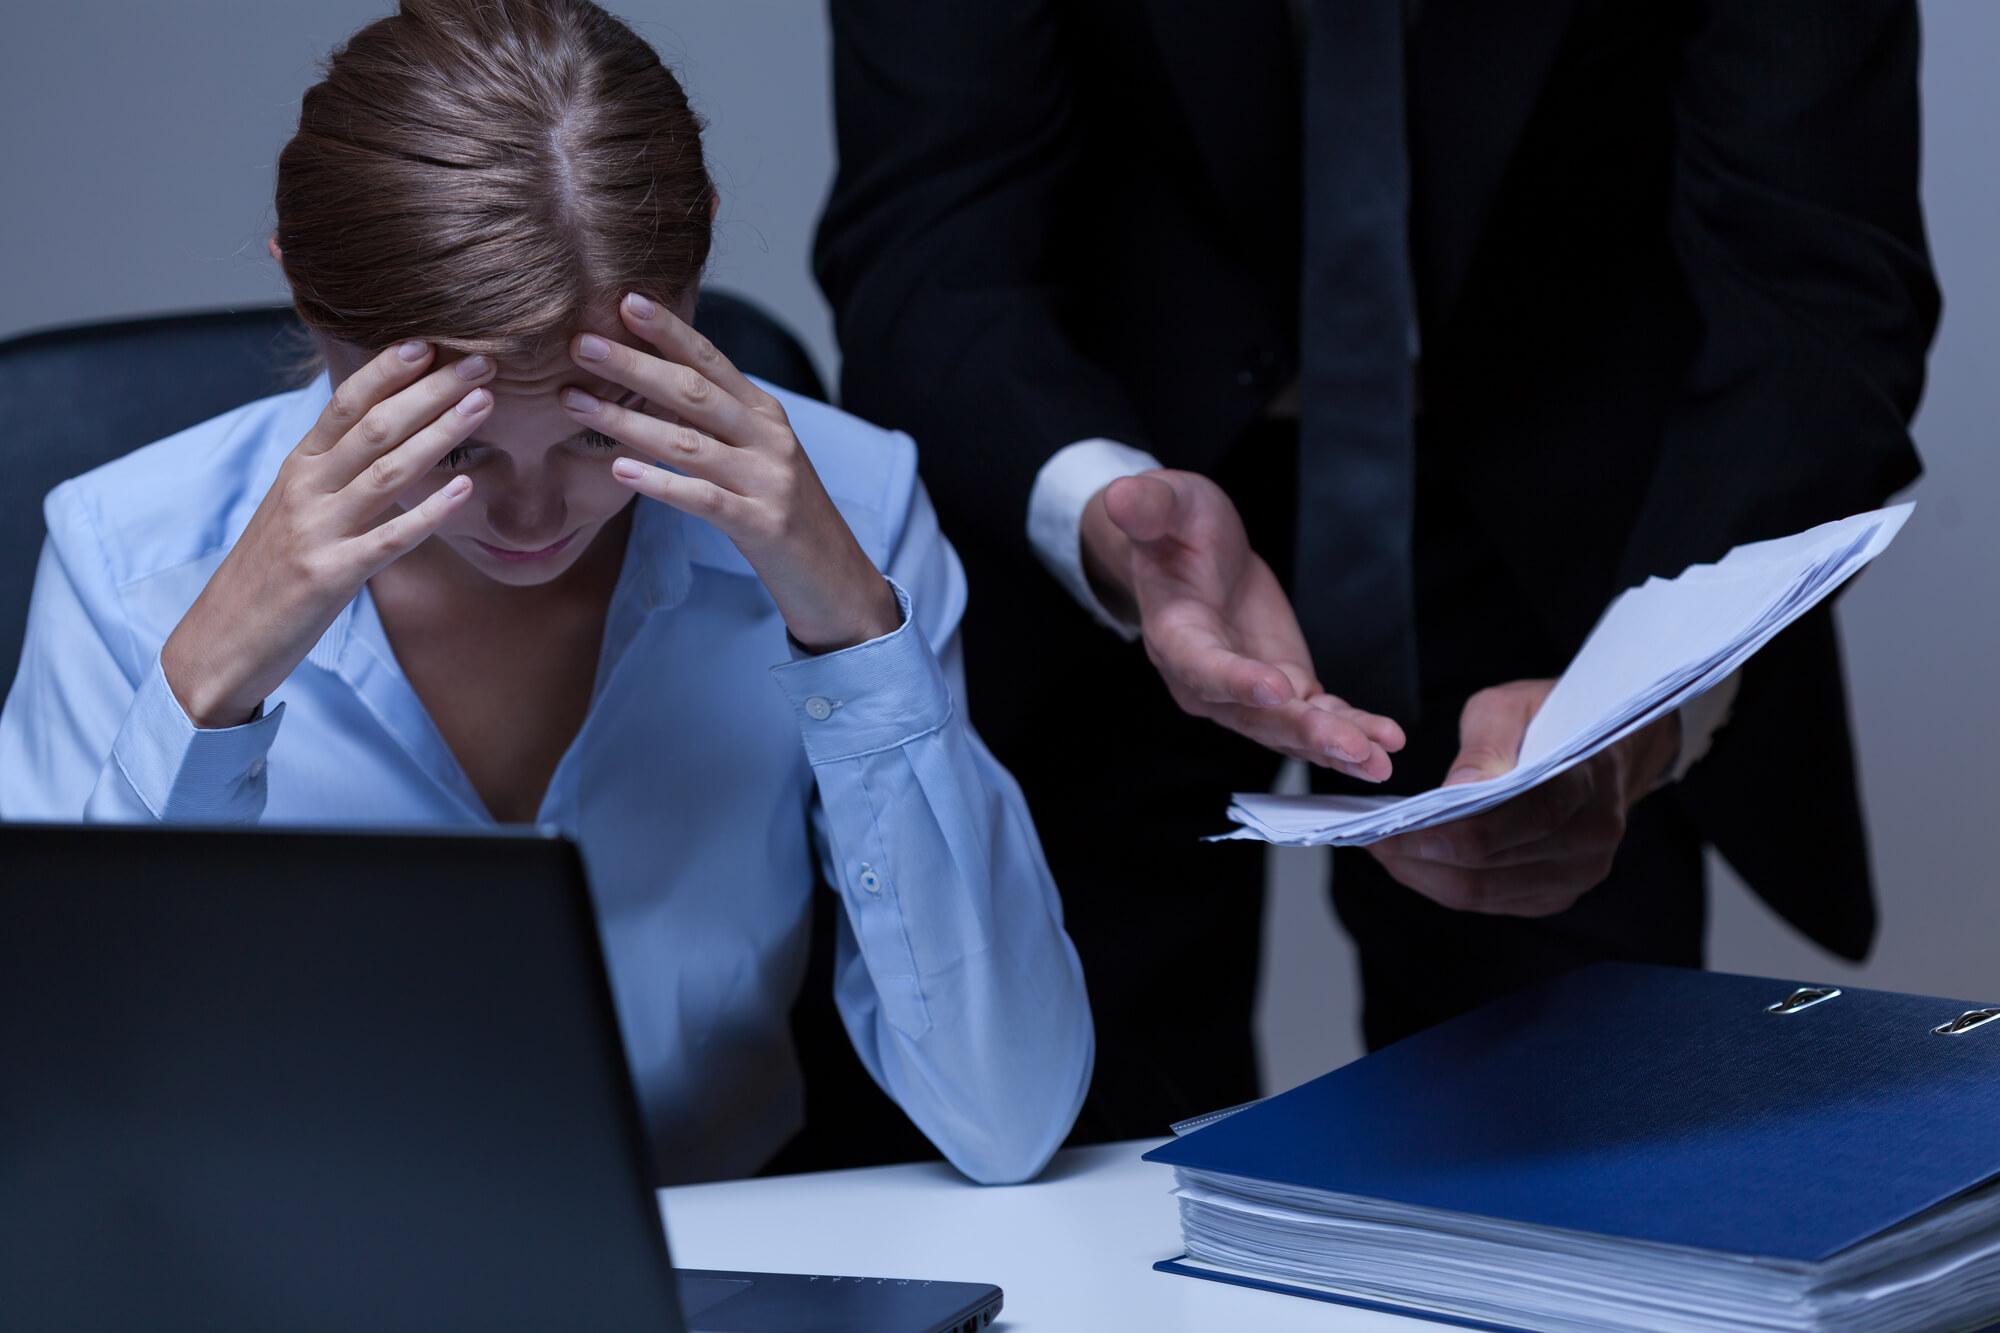 Работодатель предлагает оформиться как самозанятый. Зачем и стоит ли соглашаться?